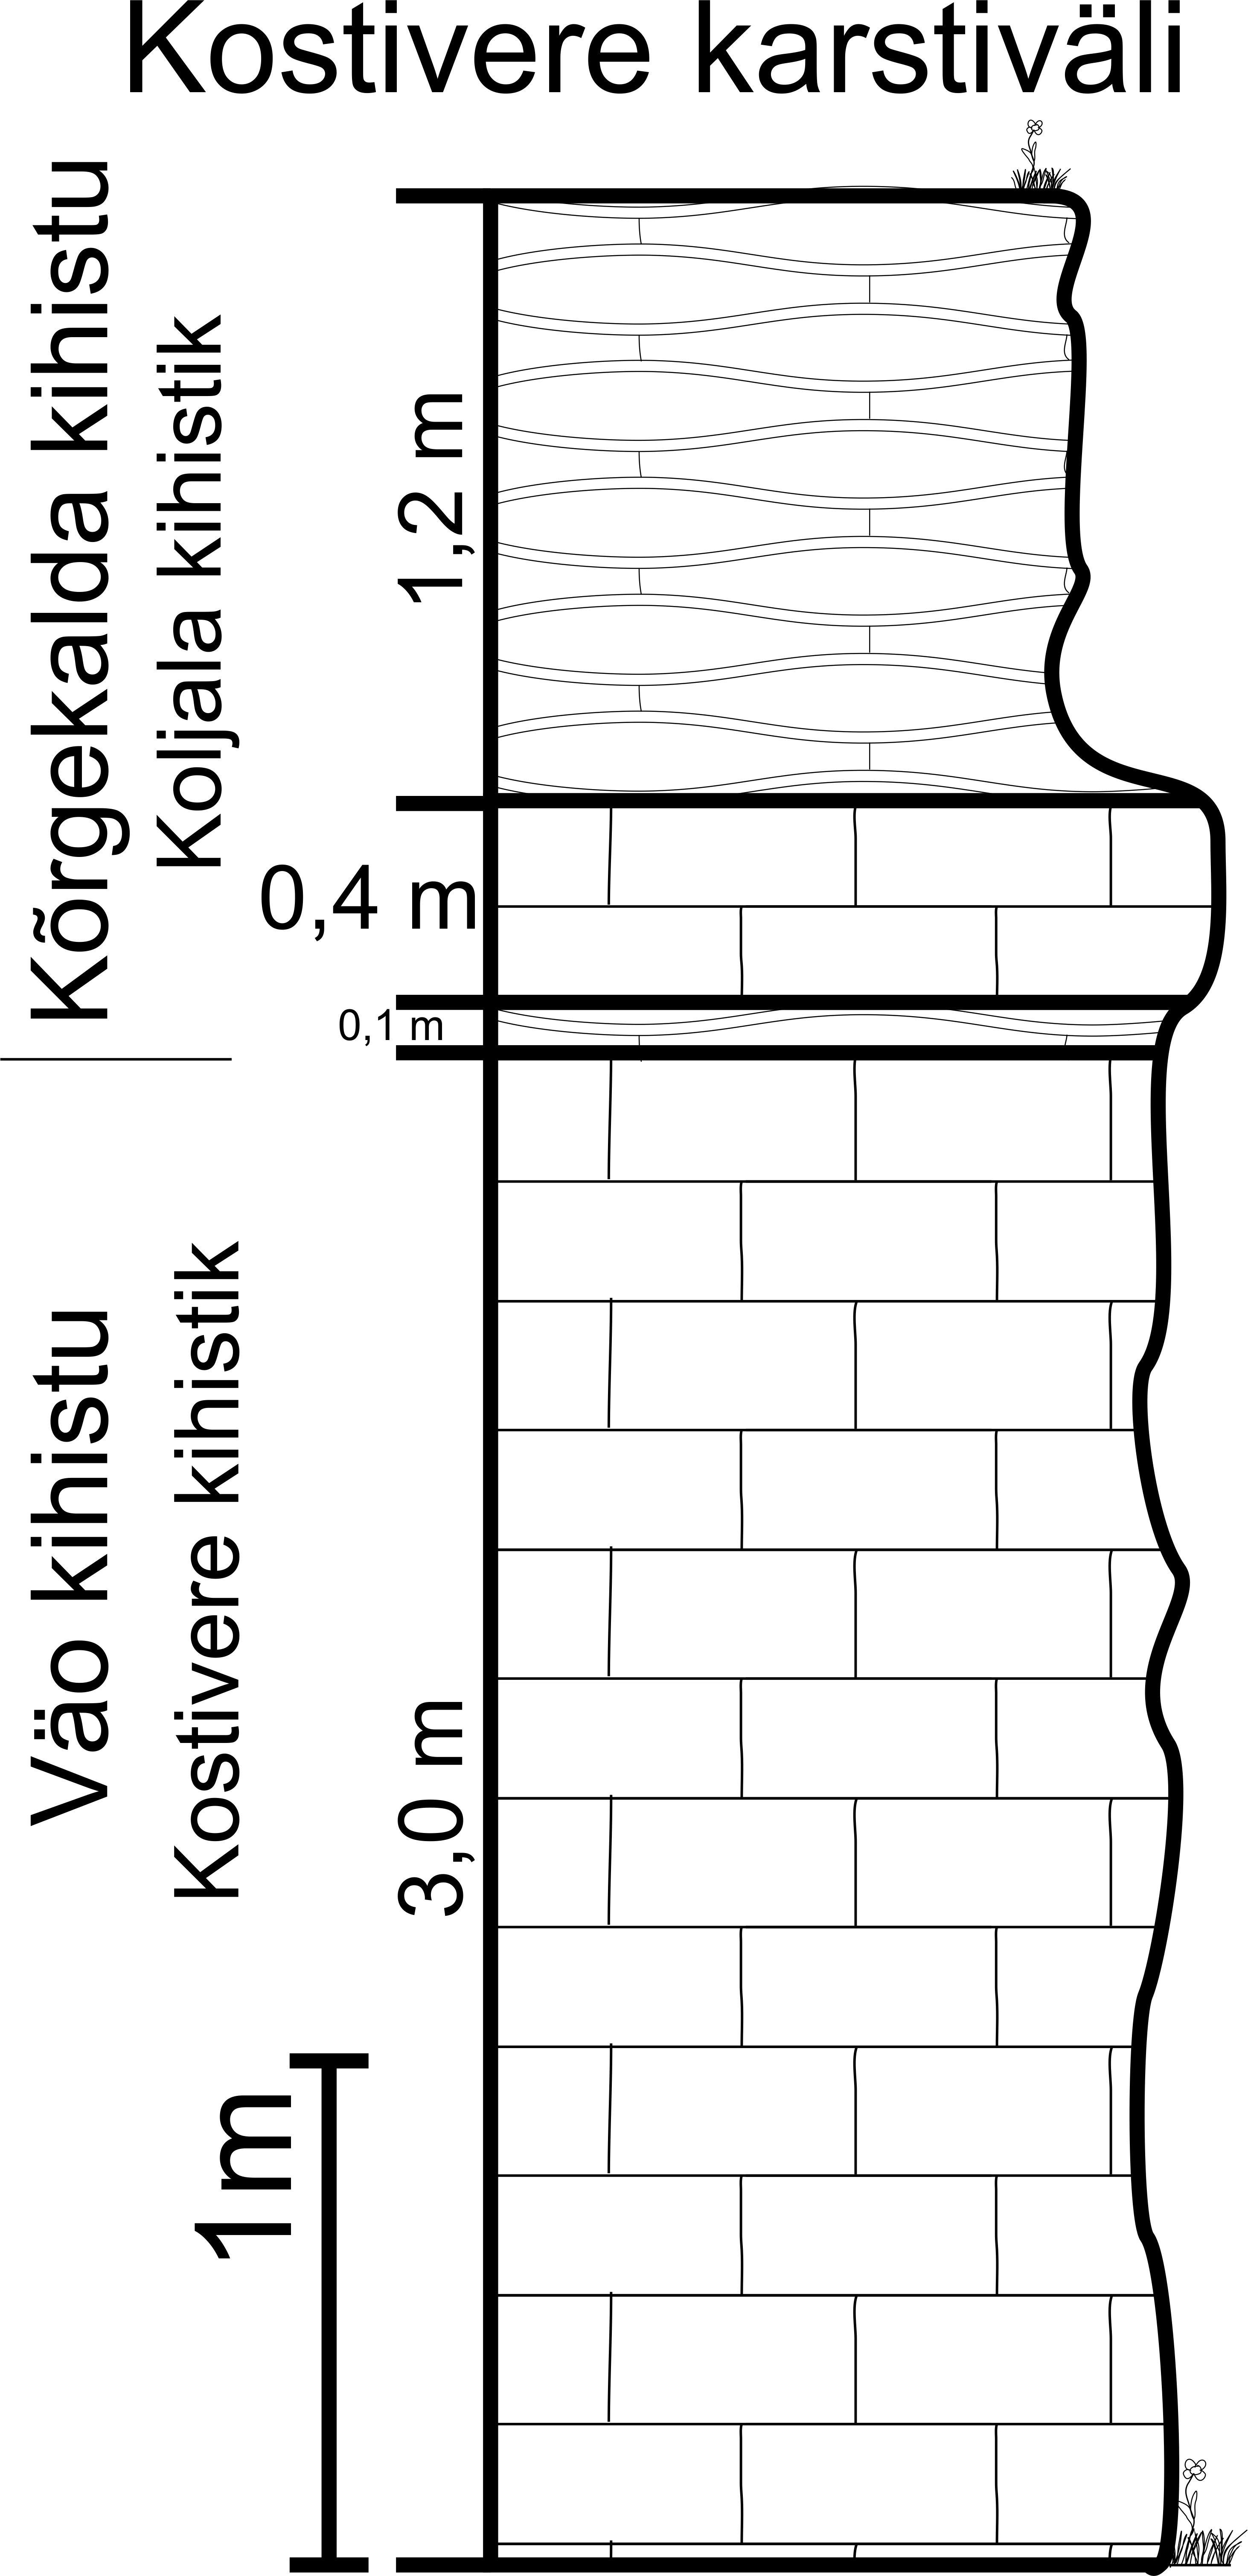 Kostivere karstivälja läbilõige 2013. aastal (joonis: Paiste T.).